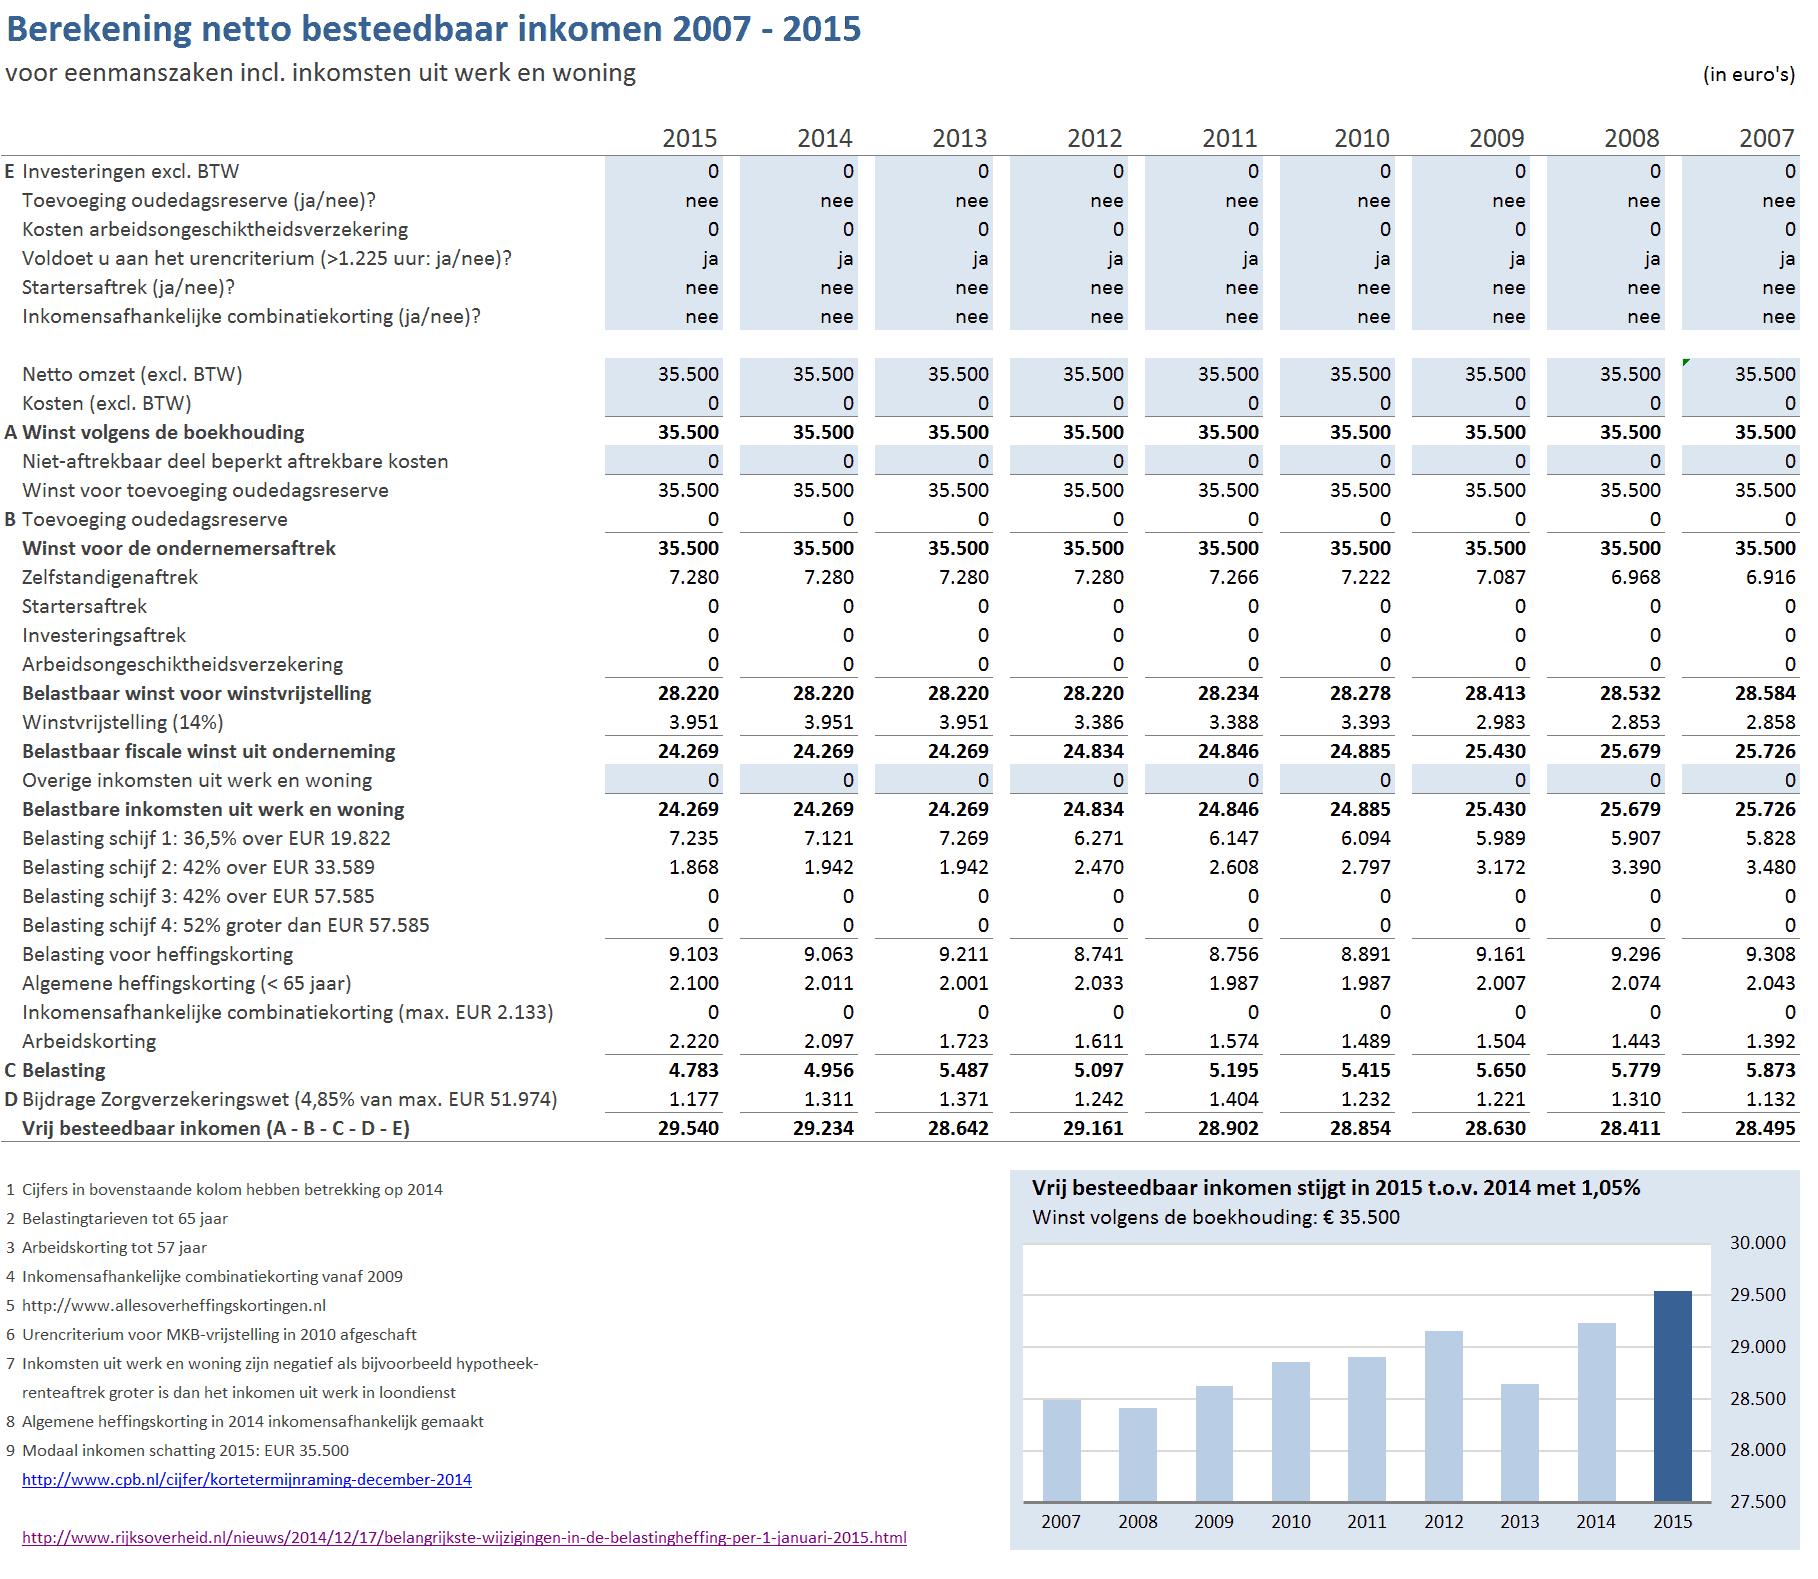 Ontwikkeling netto besteedbaar inkomen modale ondernemer 2007-2015